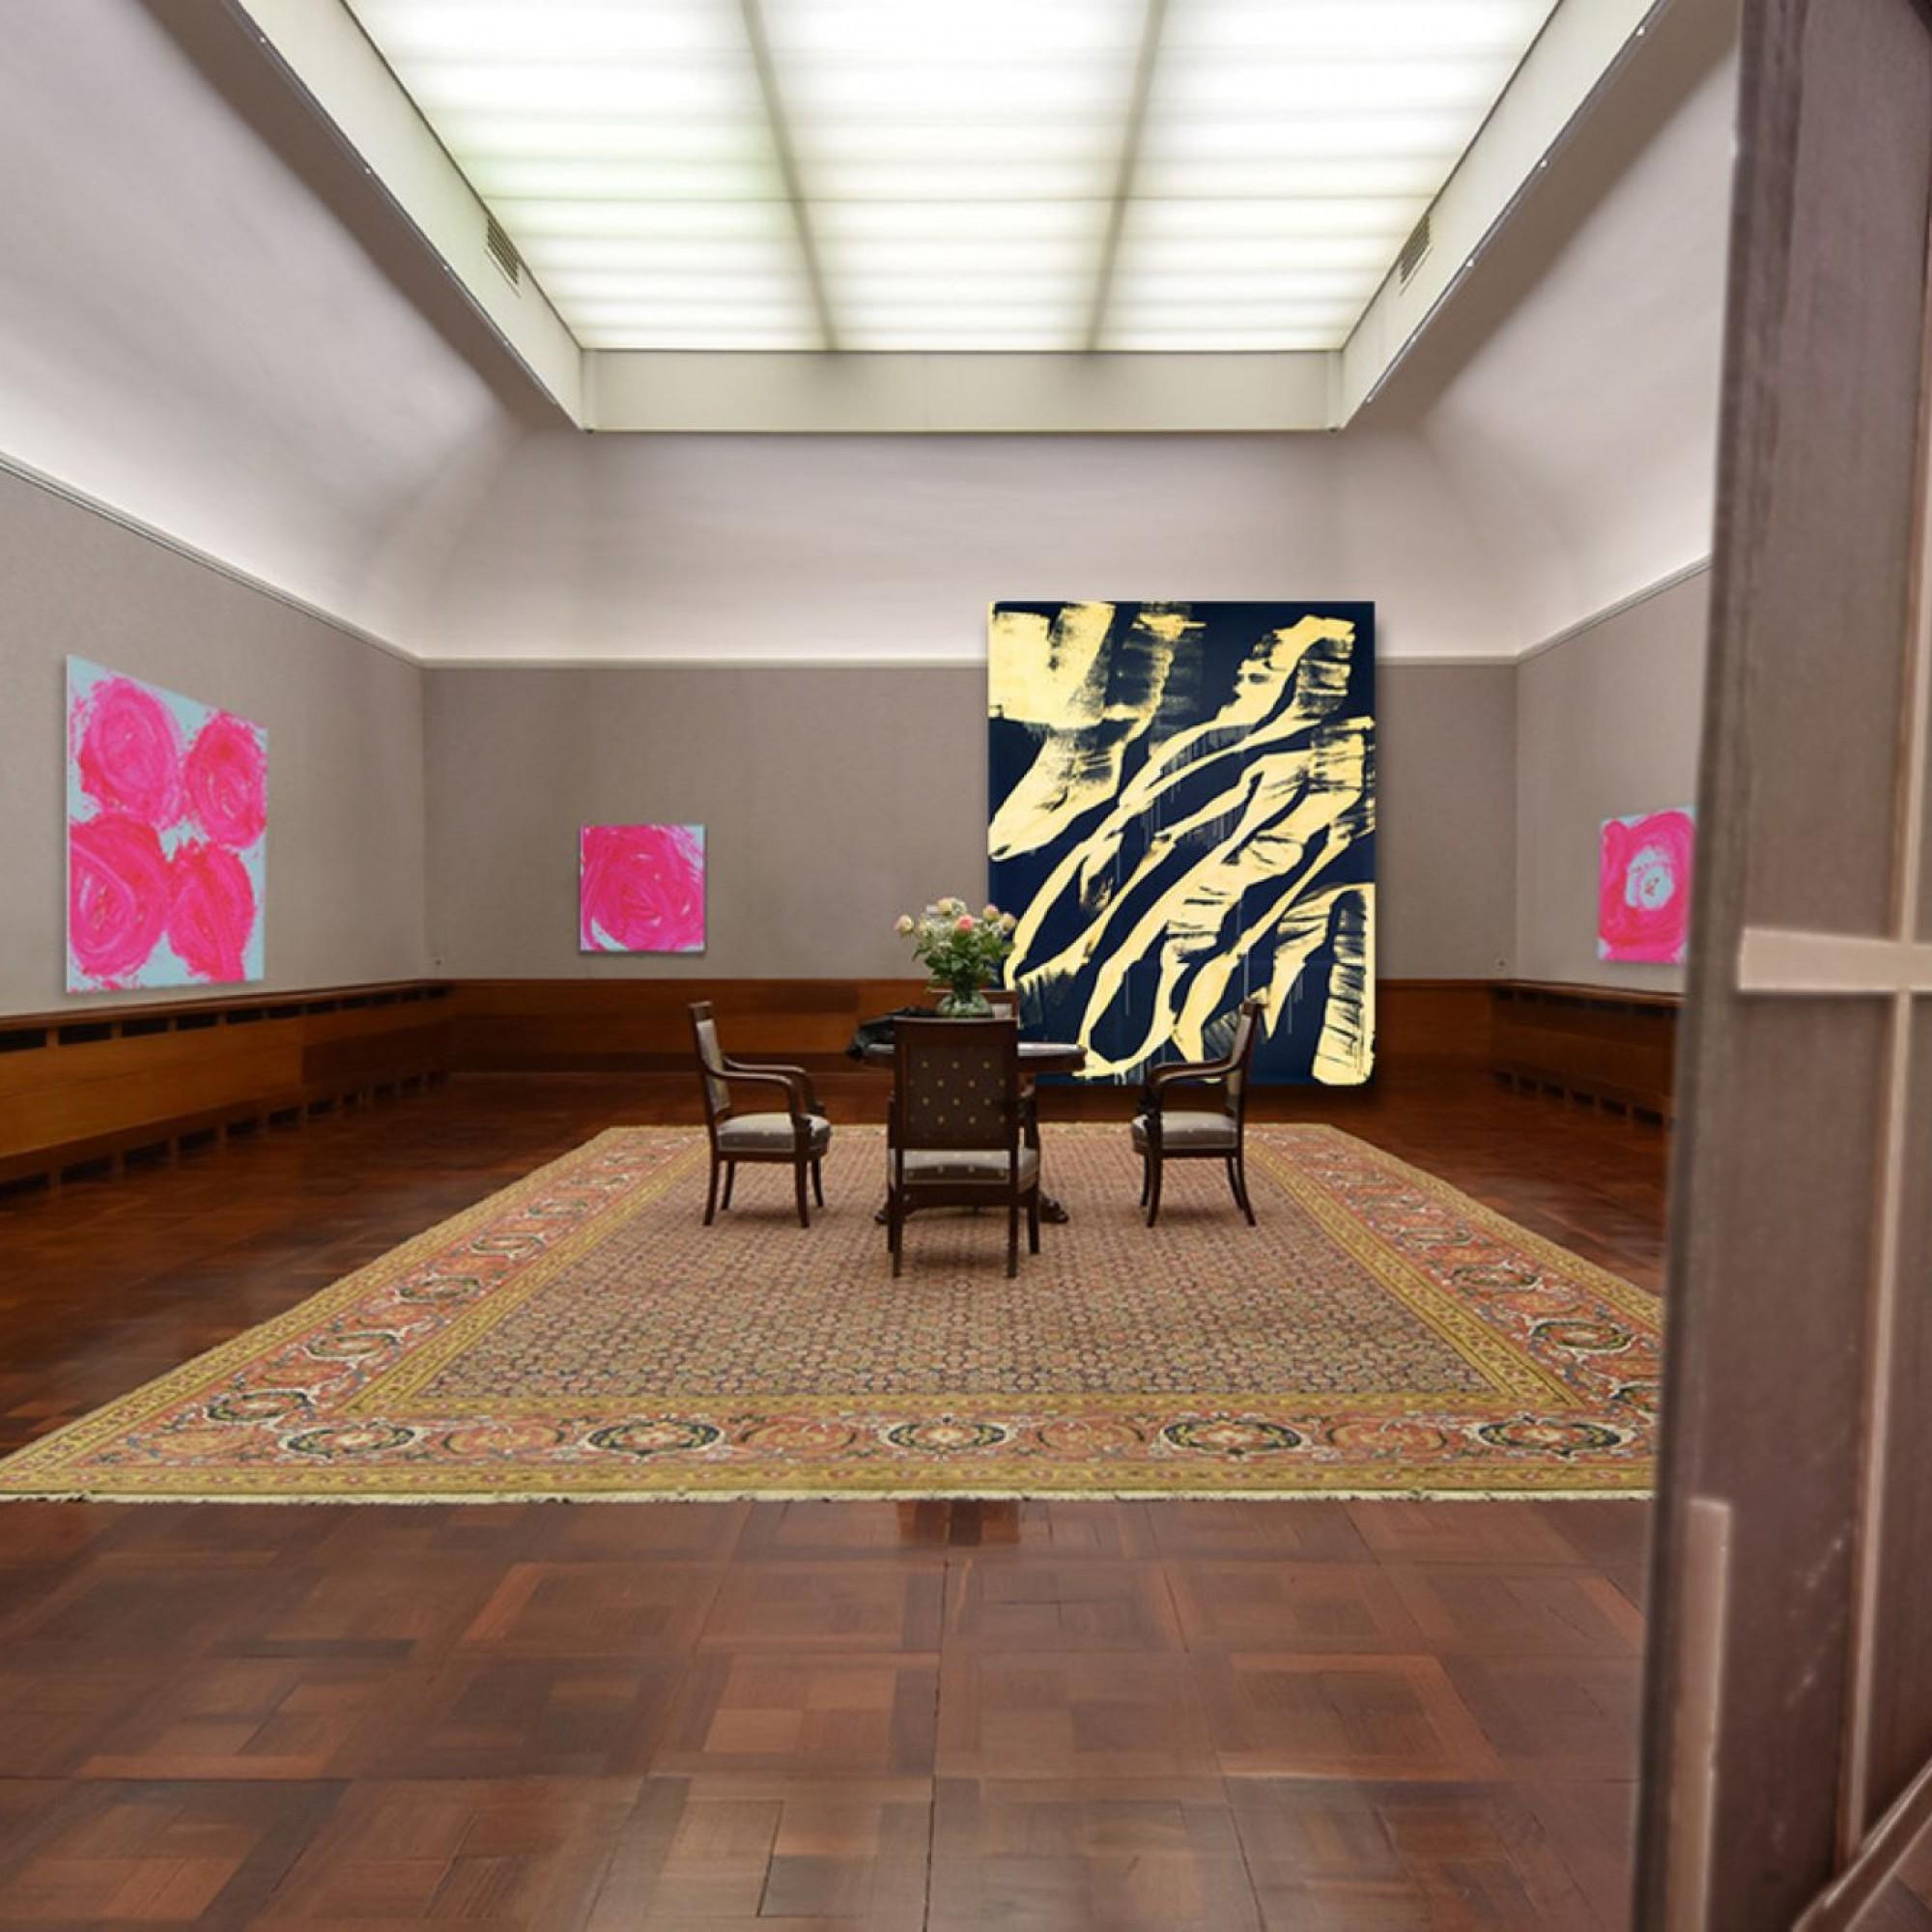 Der Galerietrakt der Villa Langmatt mit Bildern von Renée Levi, die noch bis am 12. Dezember ausgestellt sind.